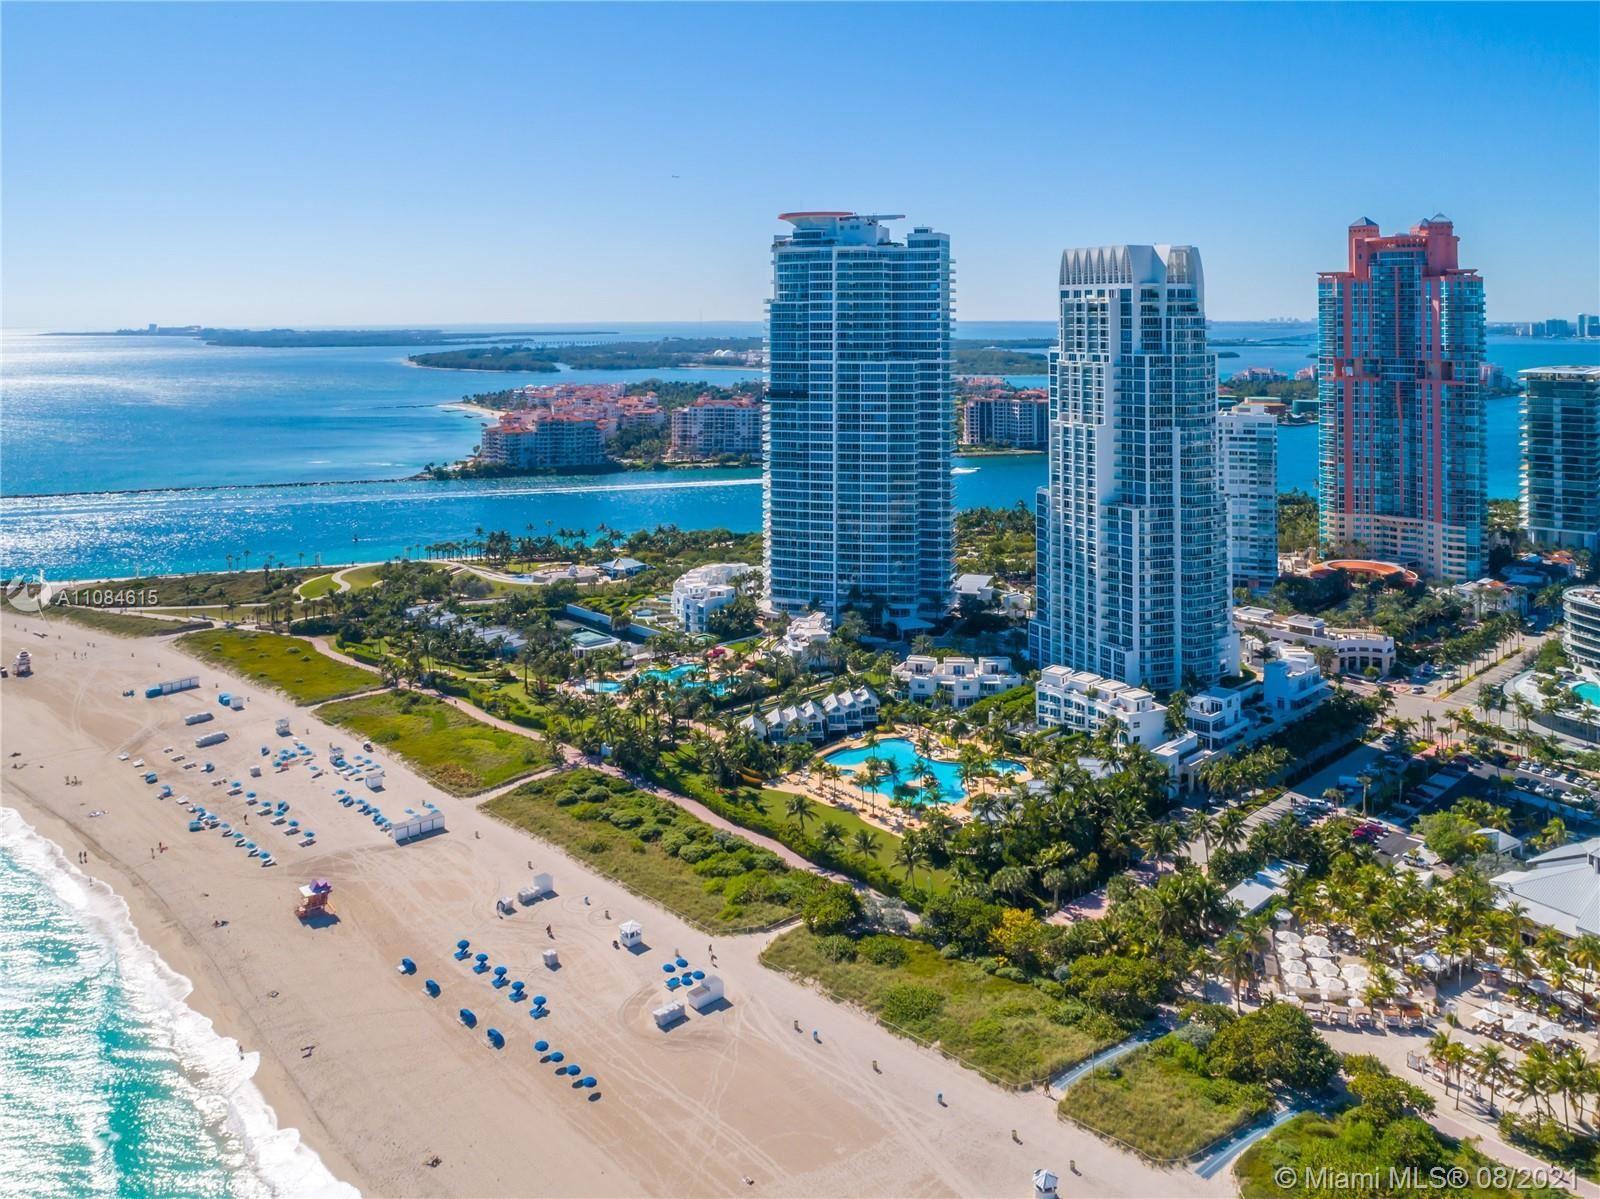 50 S Pointe Dr #1507, Miami Beach, FL 33139 - #: A11084615